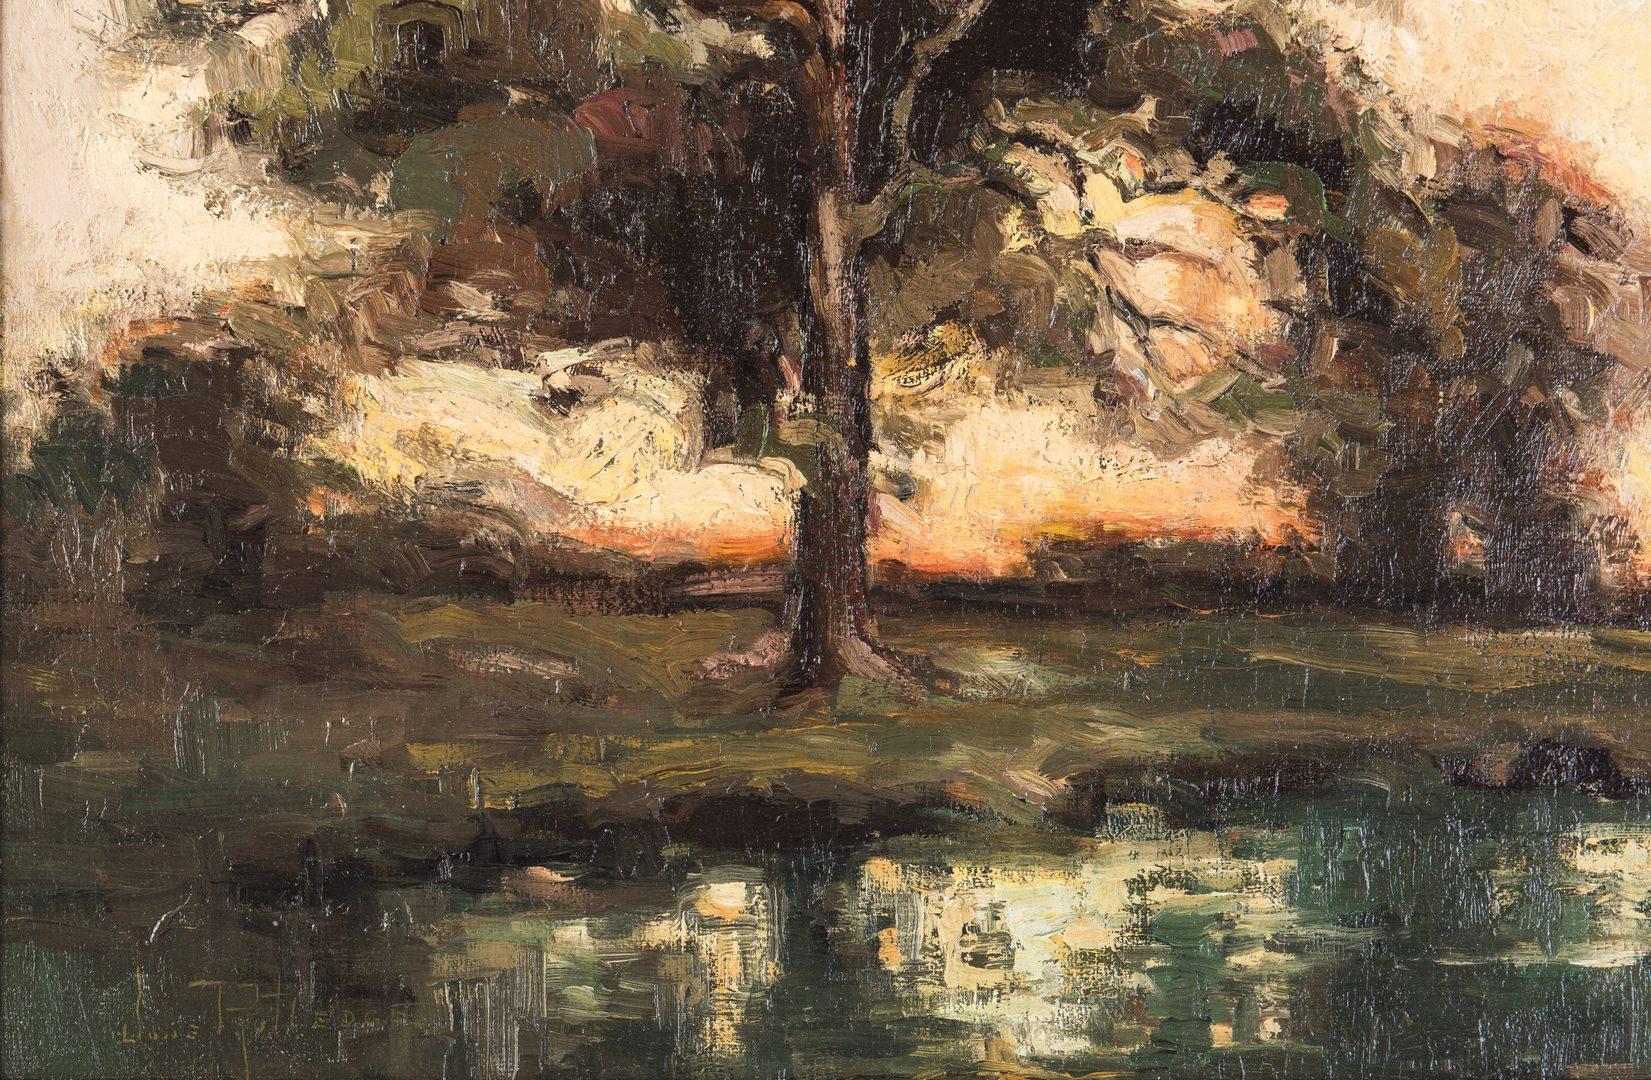 Lot 90: June Rutledge O/C, Southern Landscape